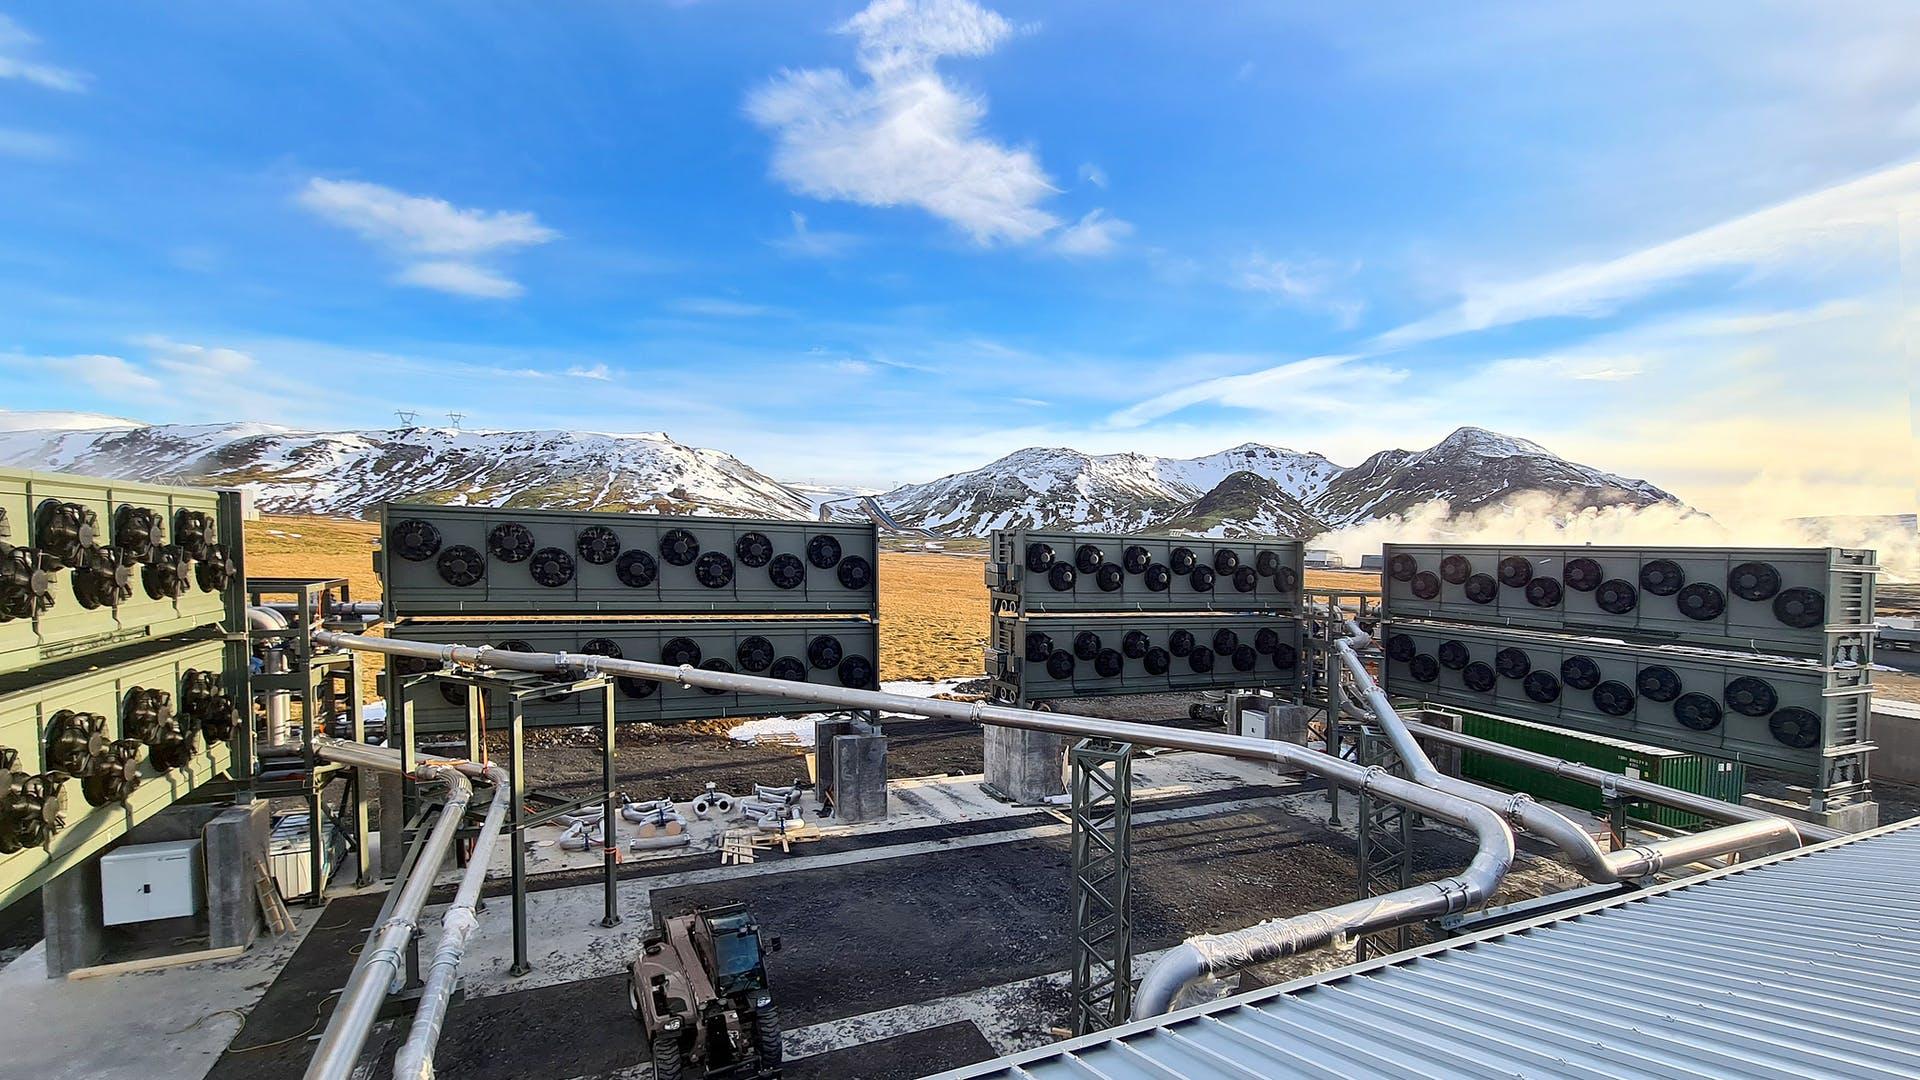 TERRAFORMANDO: Máquina de sucção de carbono ligada na Islândia, removerá 4.000 toneladas de CO2 da atmosfera a cada ano, prejudicando florestas tropicais e plantações de alimentos